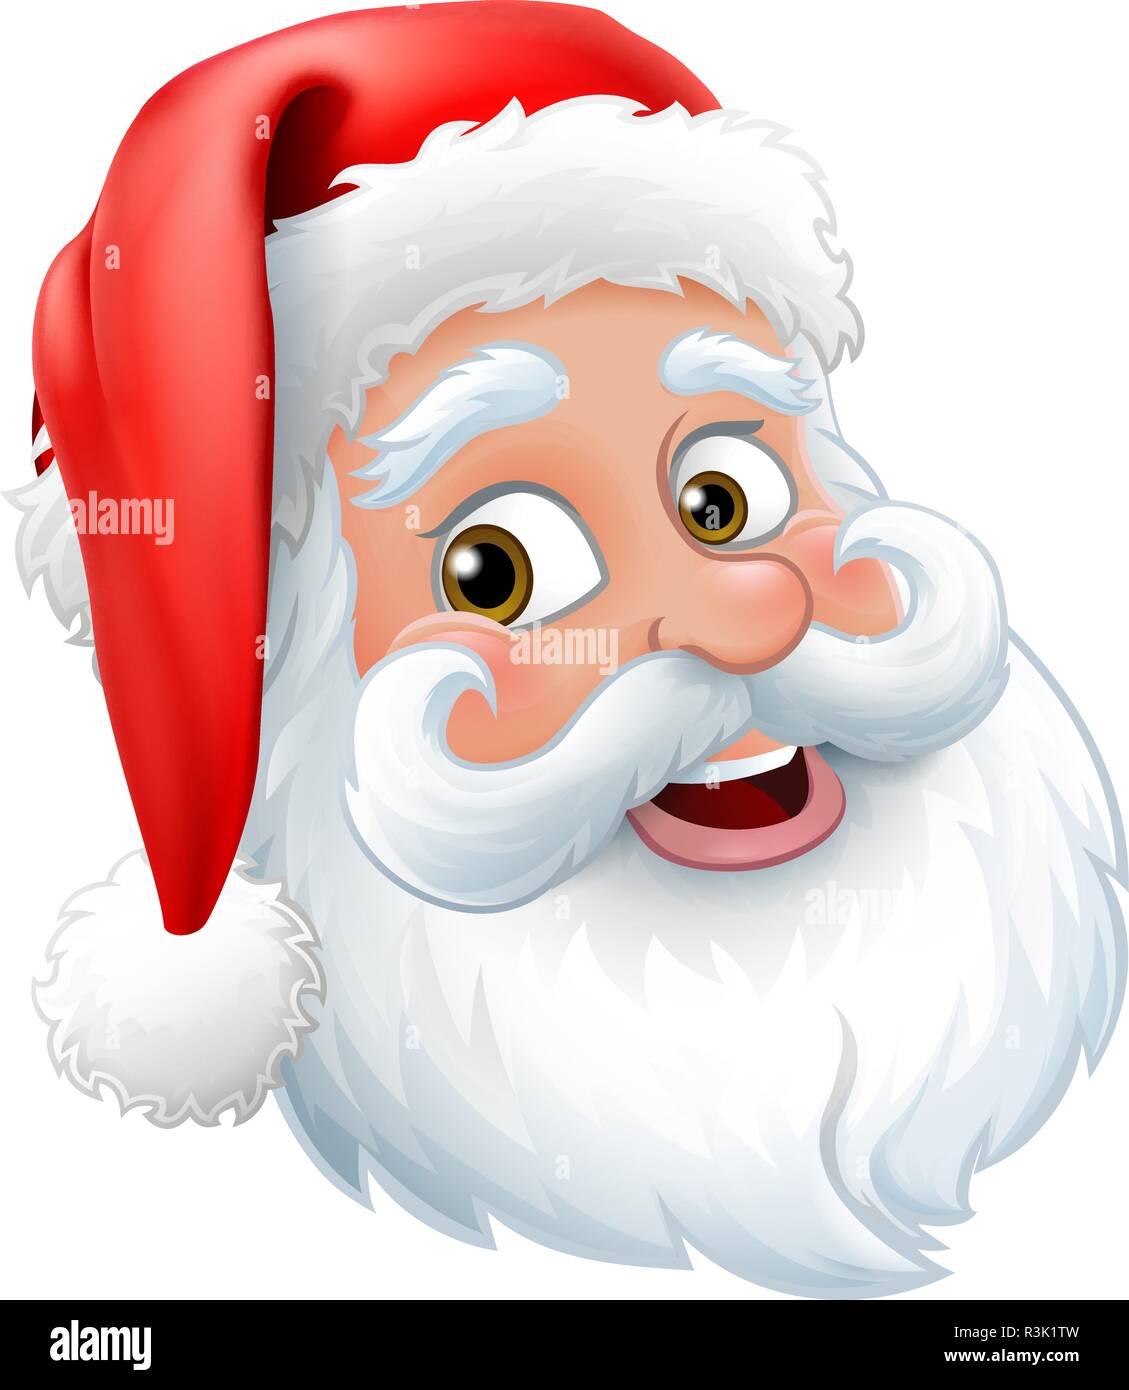 Imagenes De Papa Noel Animado.Santa Claus Papa Noel Personaje De Dibujos Animados